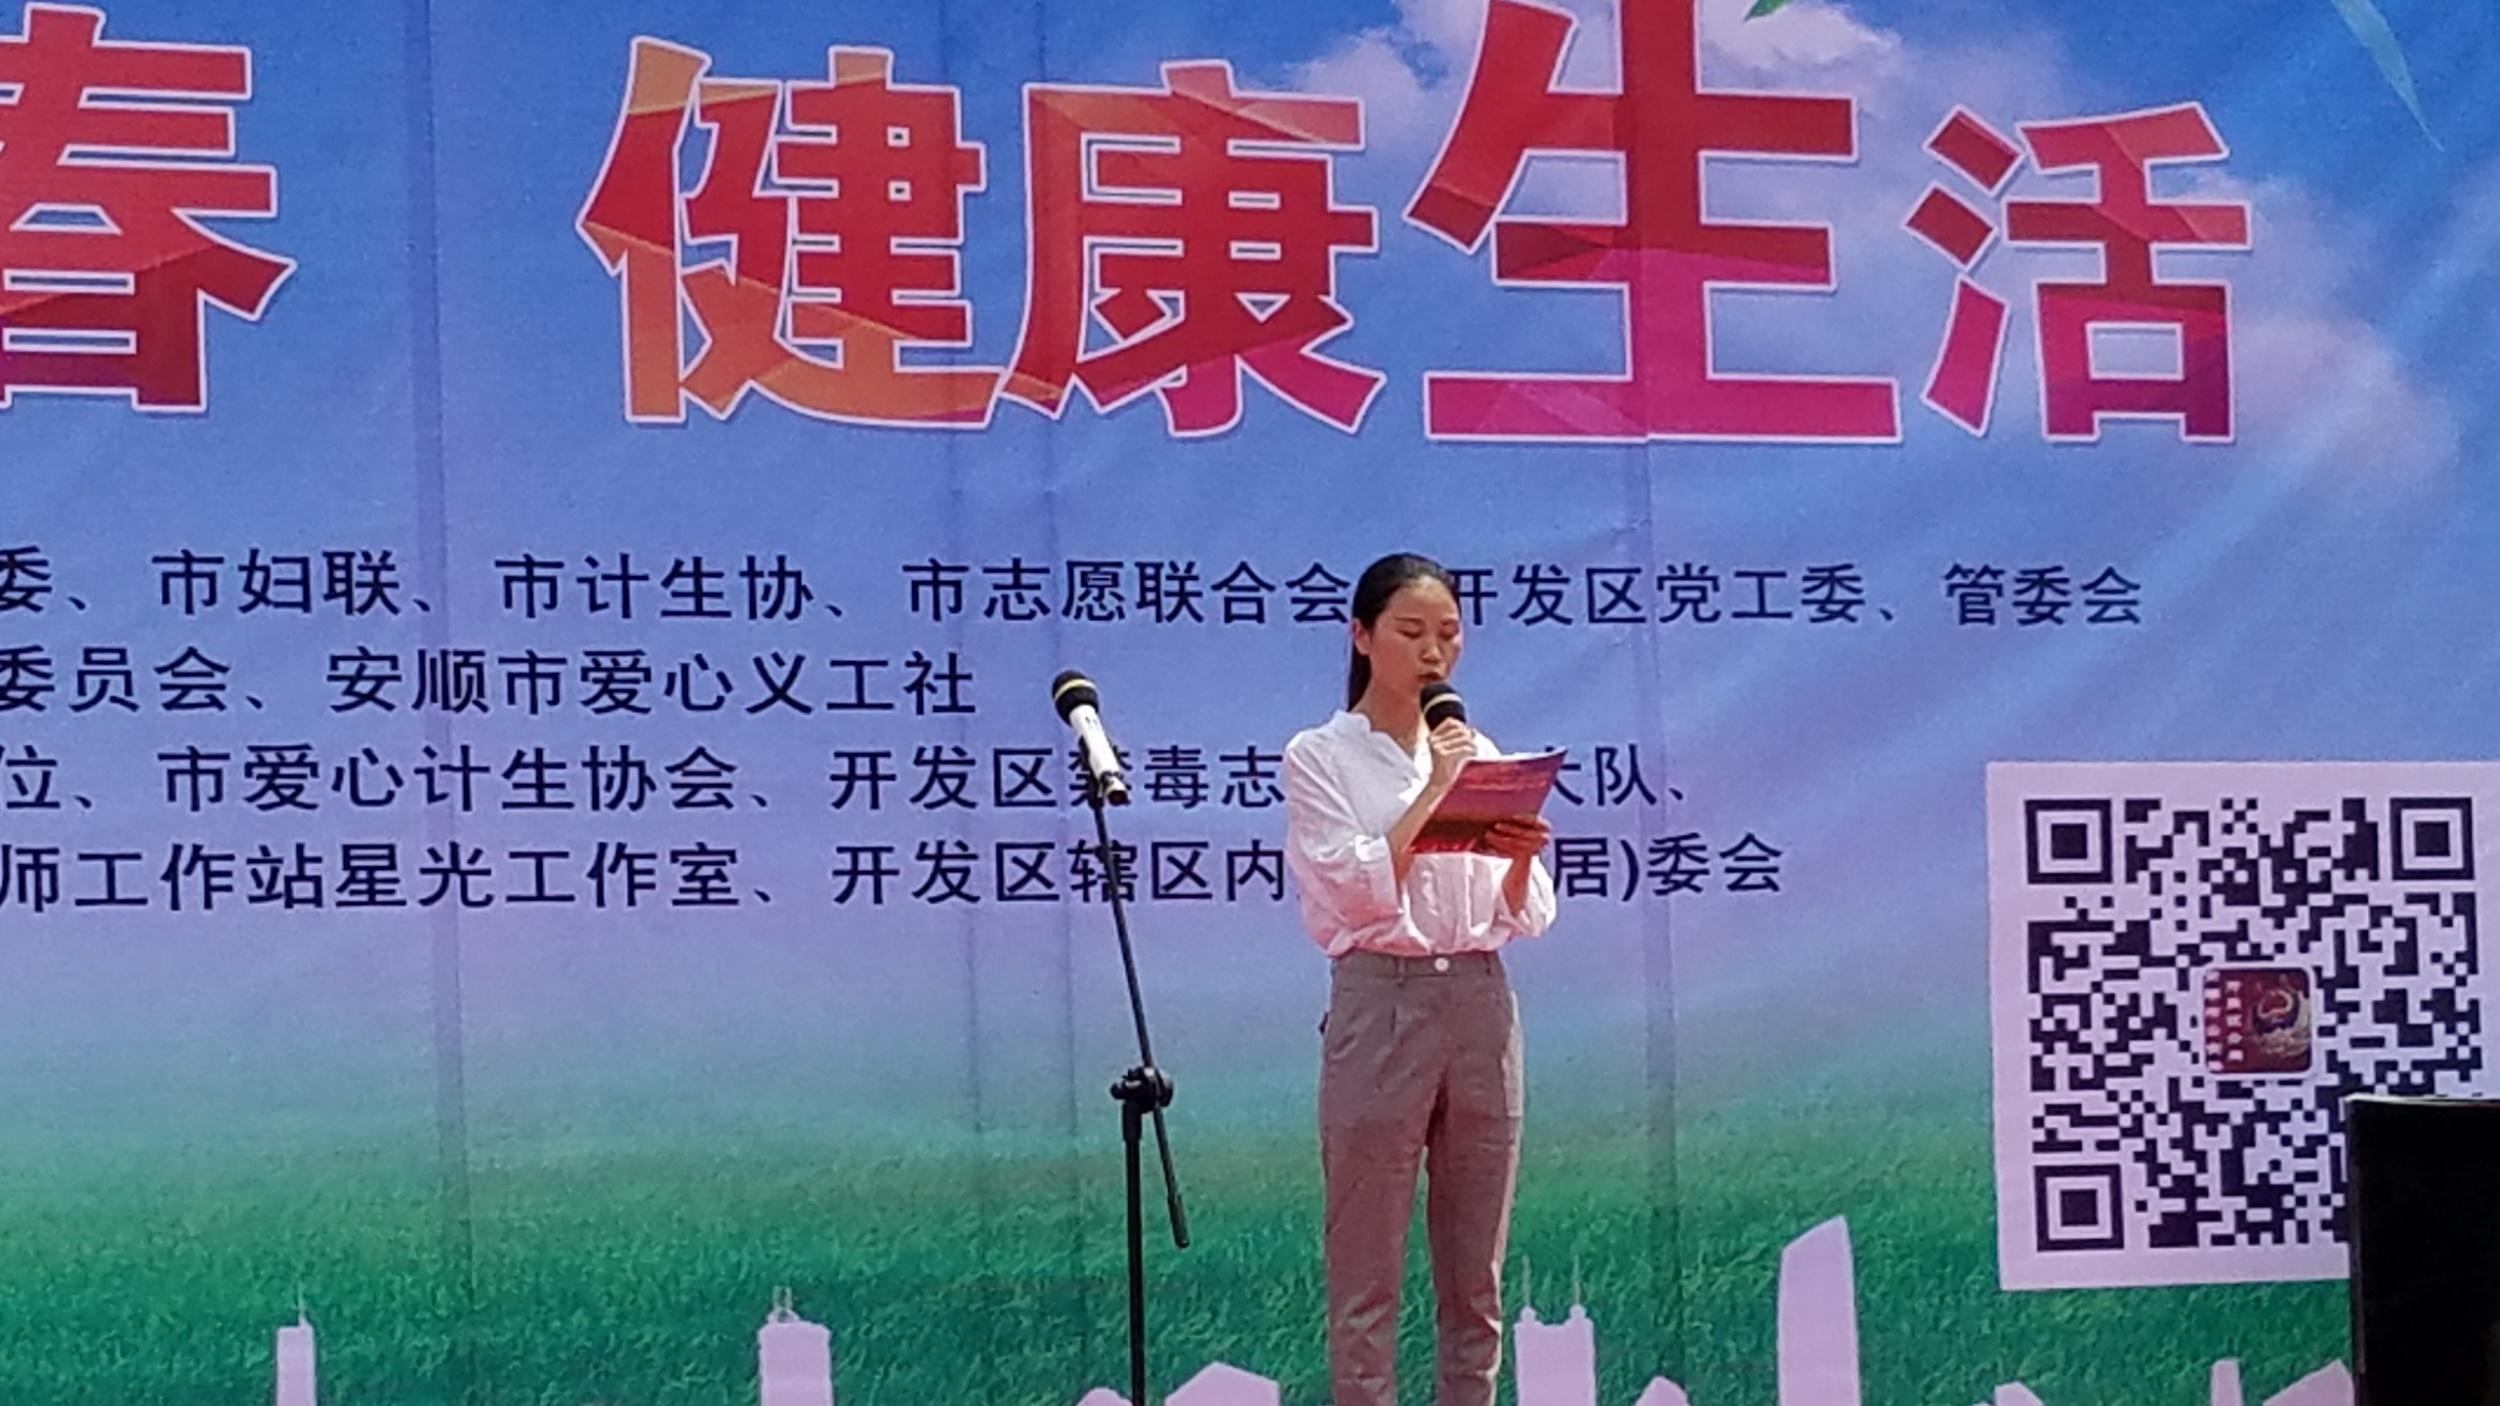 6.26禁毒宣传活动(陈发琳 市爱心义工社)